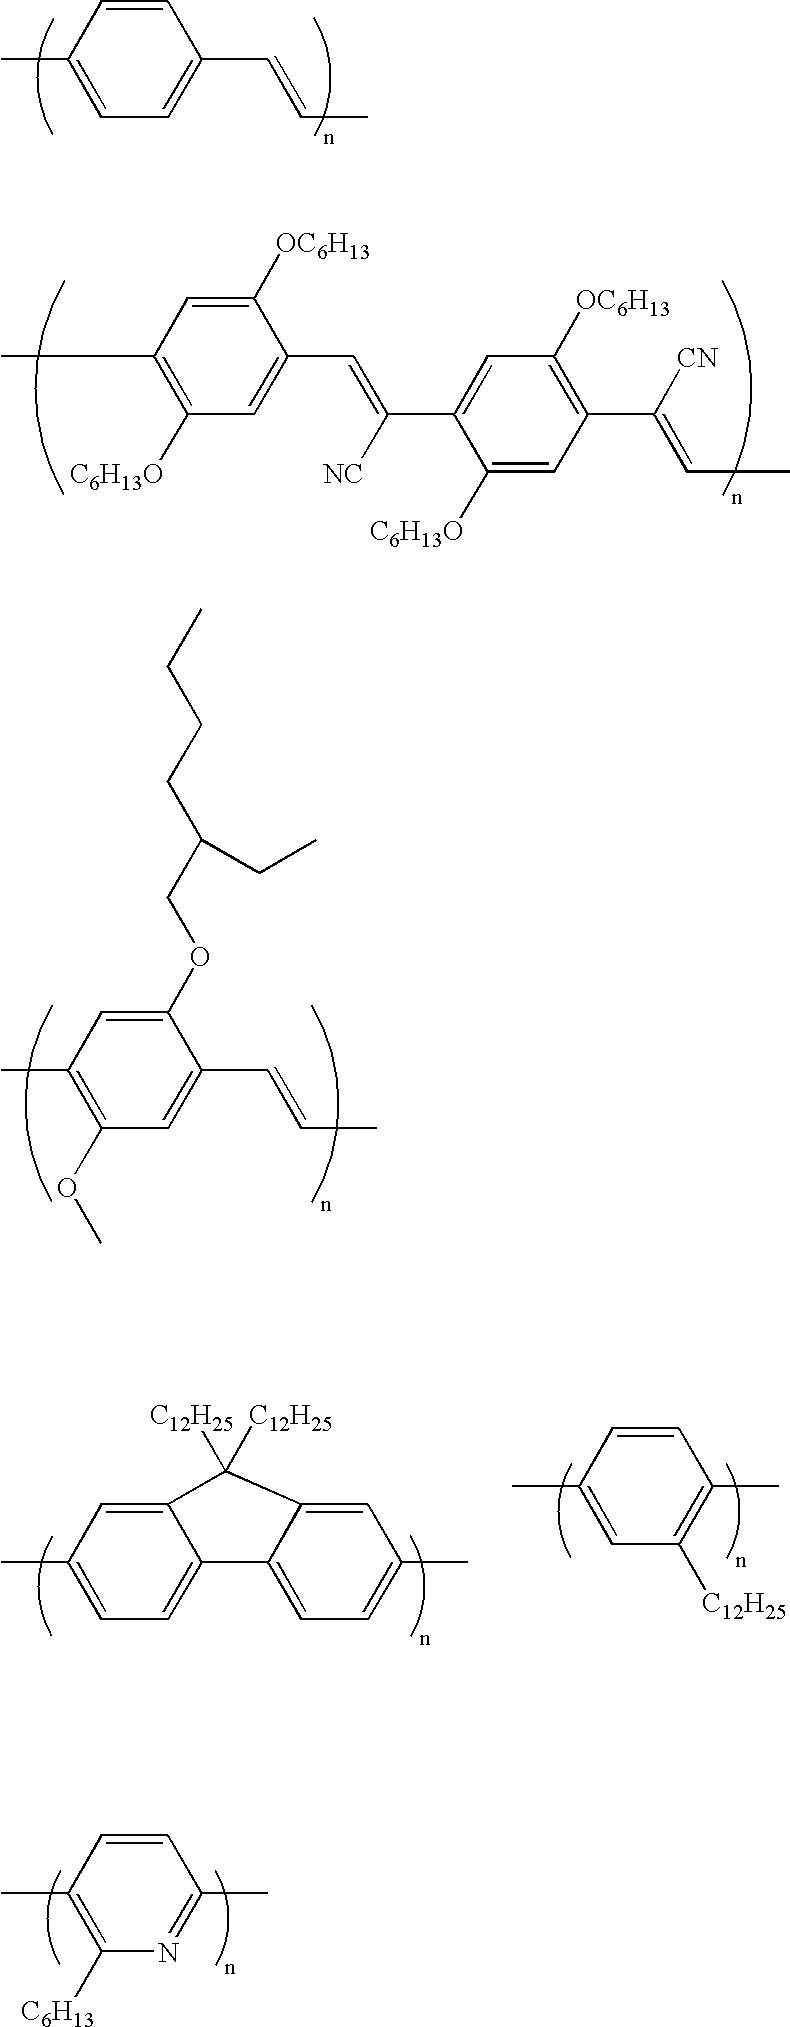 Figure US20090004507A1-20090101-C00009